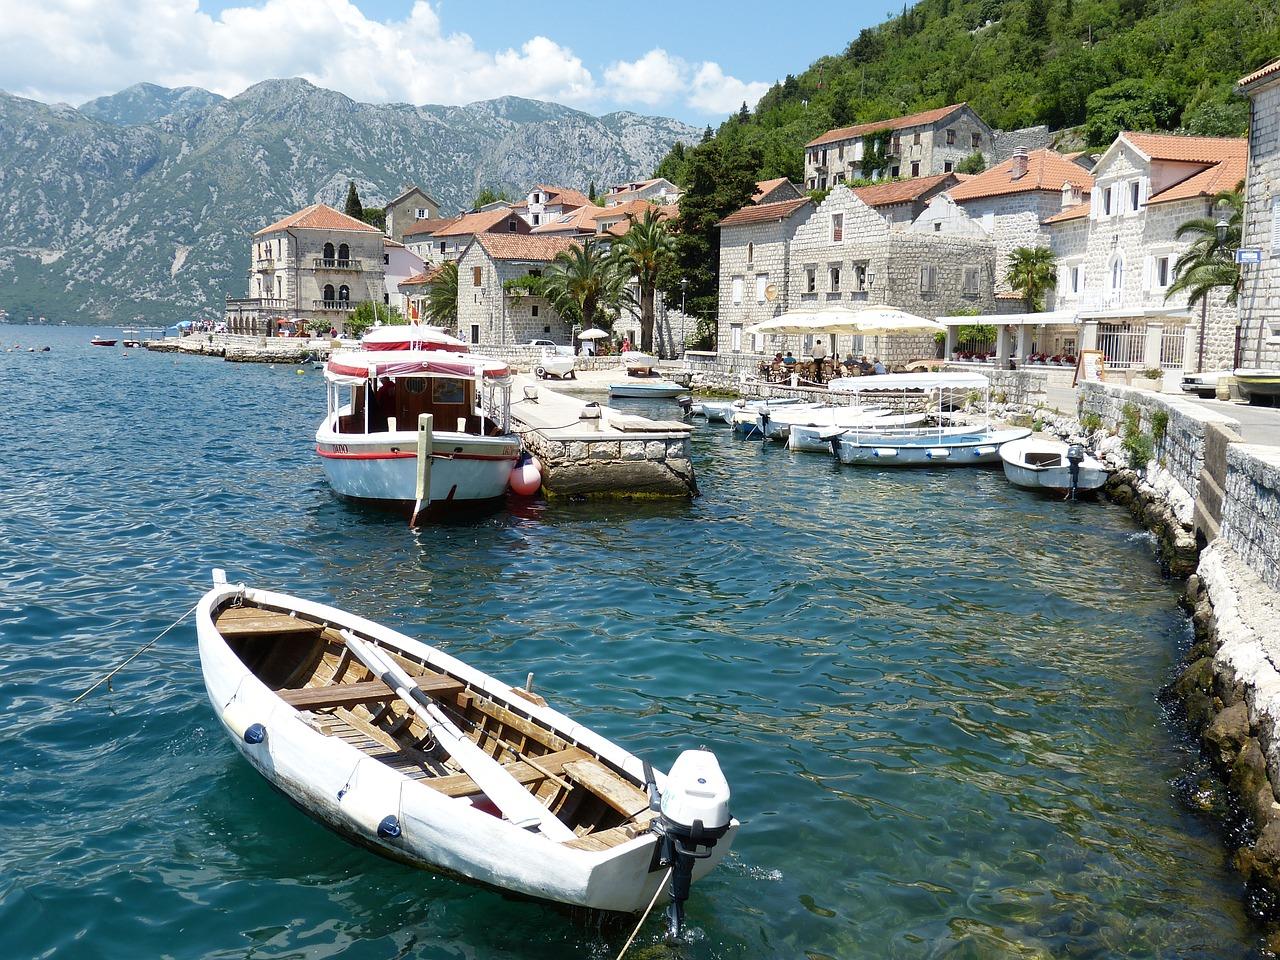 Ezek a legszebb tengerparti települések Montenegróban